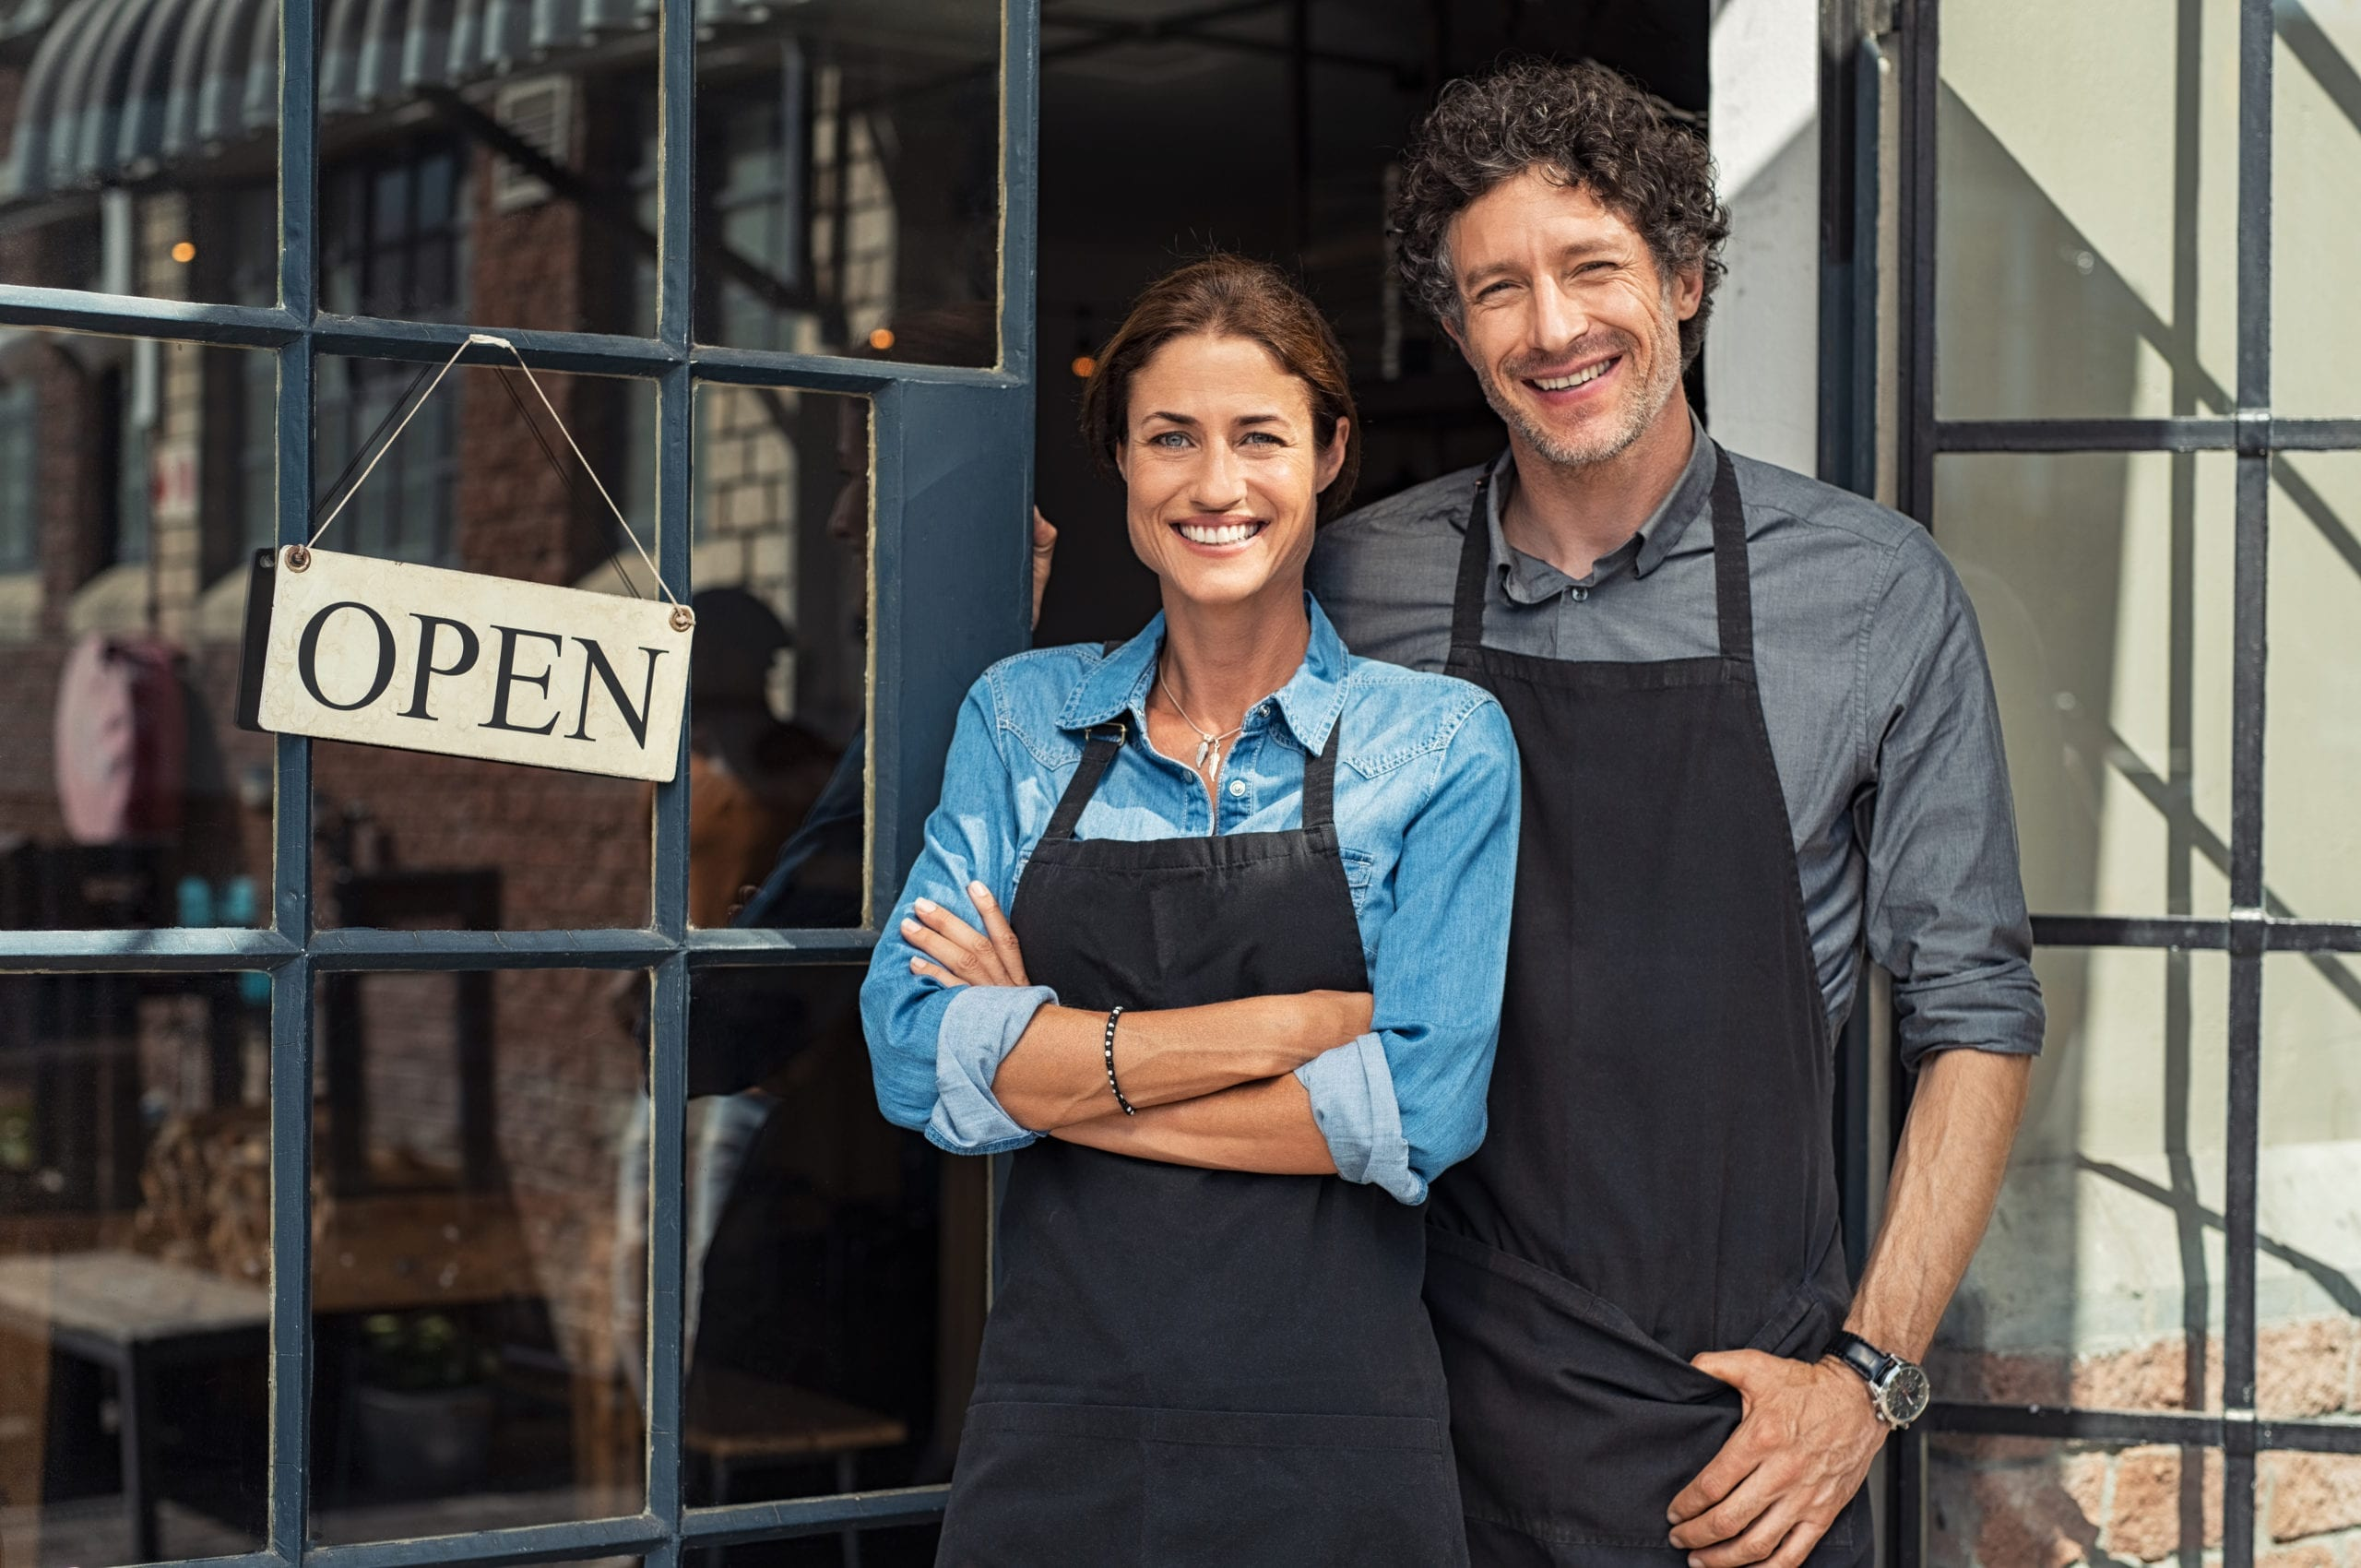 The 5 Best Franchise Opportunities for Entrepreneurs